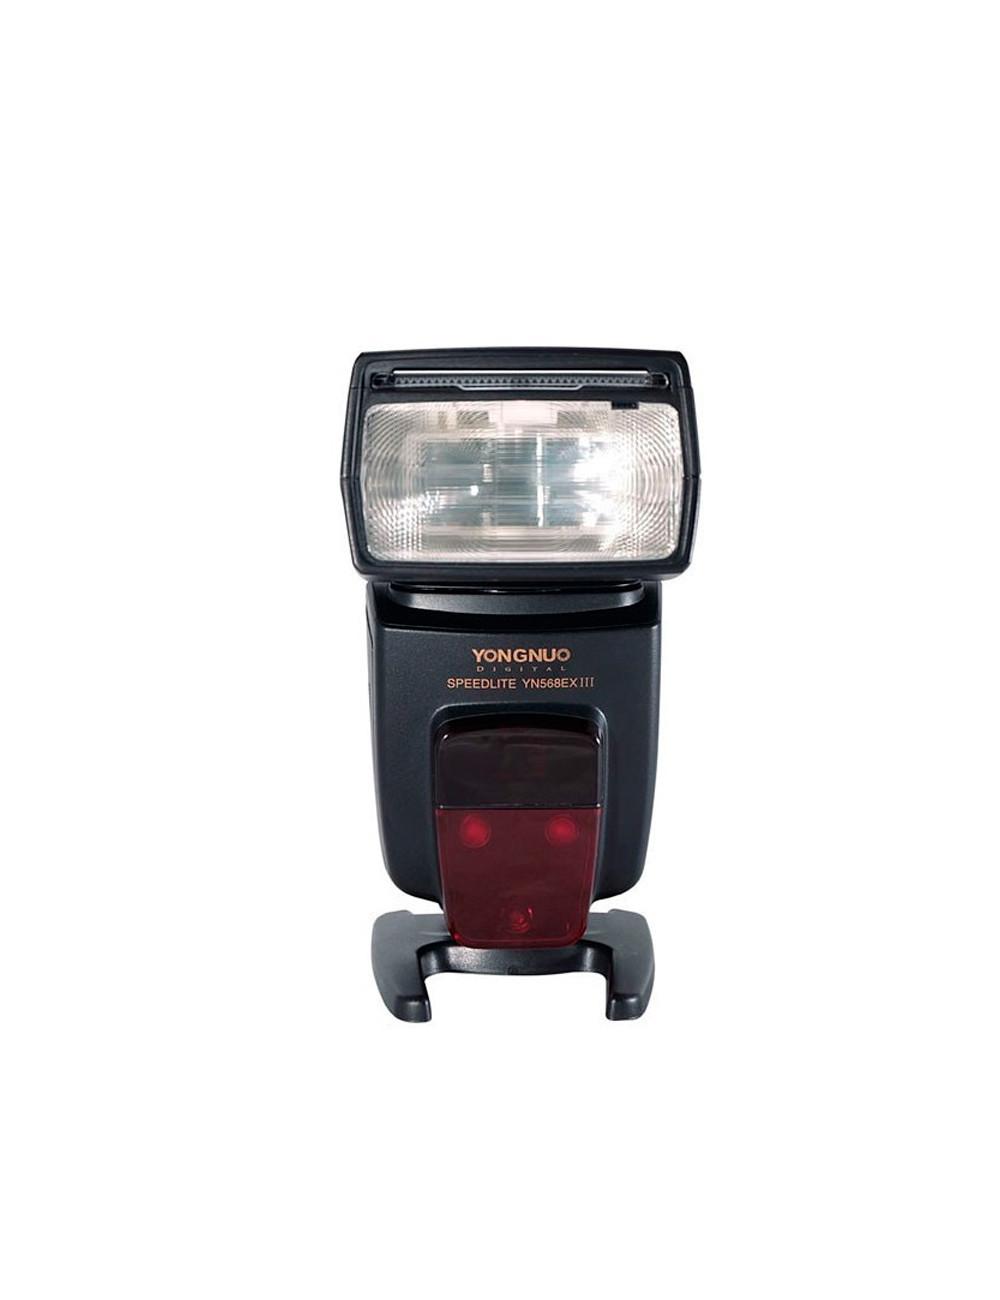 Mini Beauty Dish para flash Speedlight compatible con cualquier marca de flash